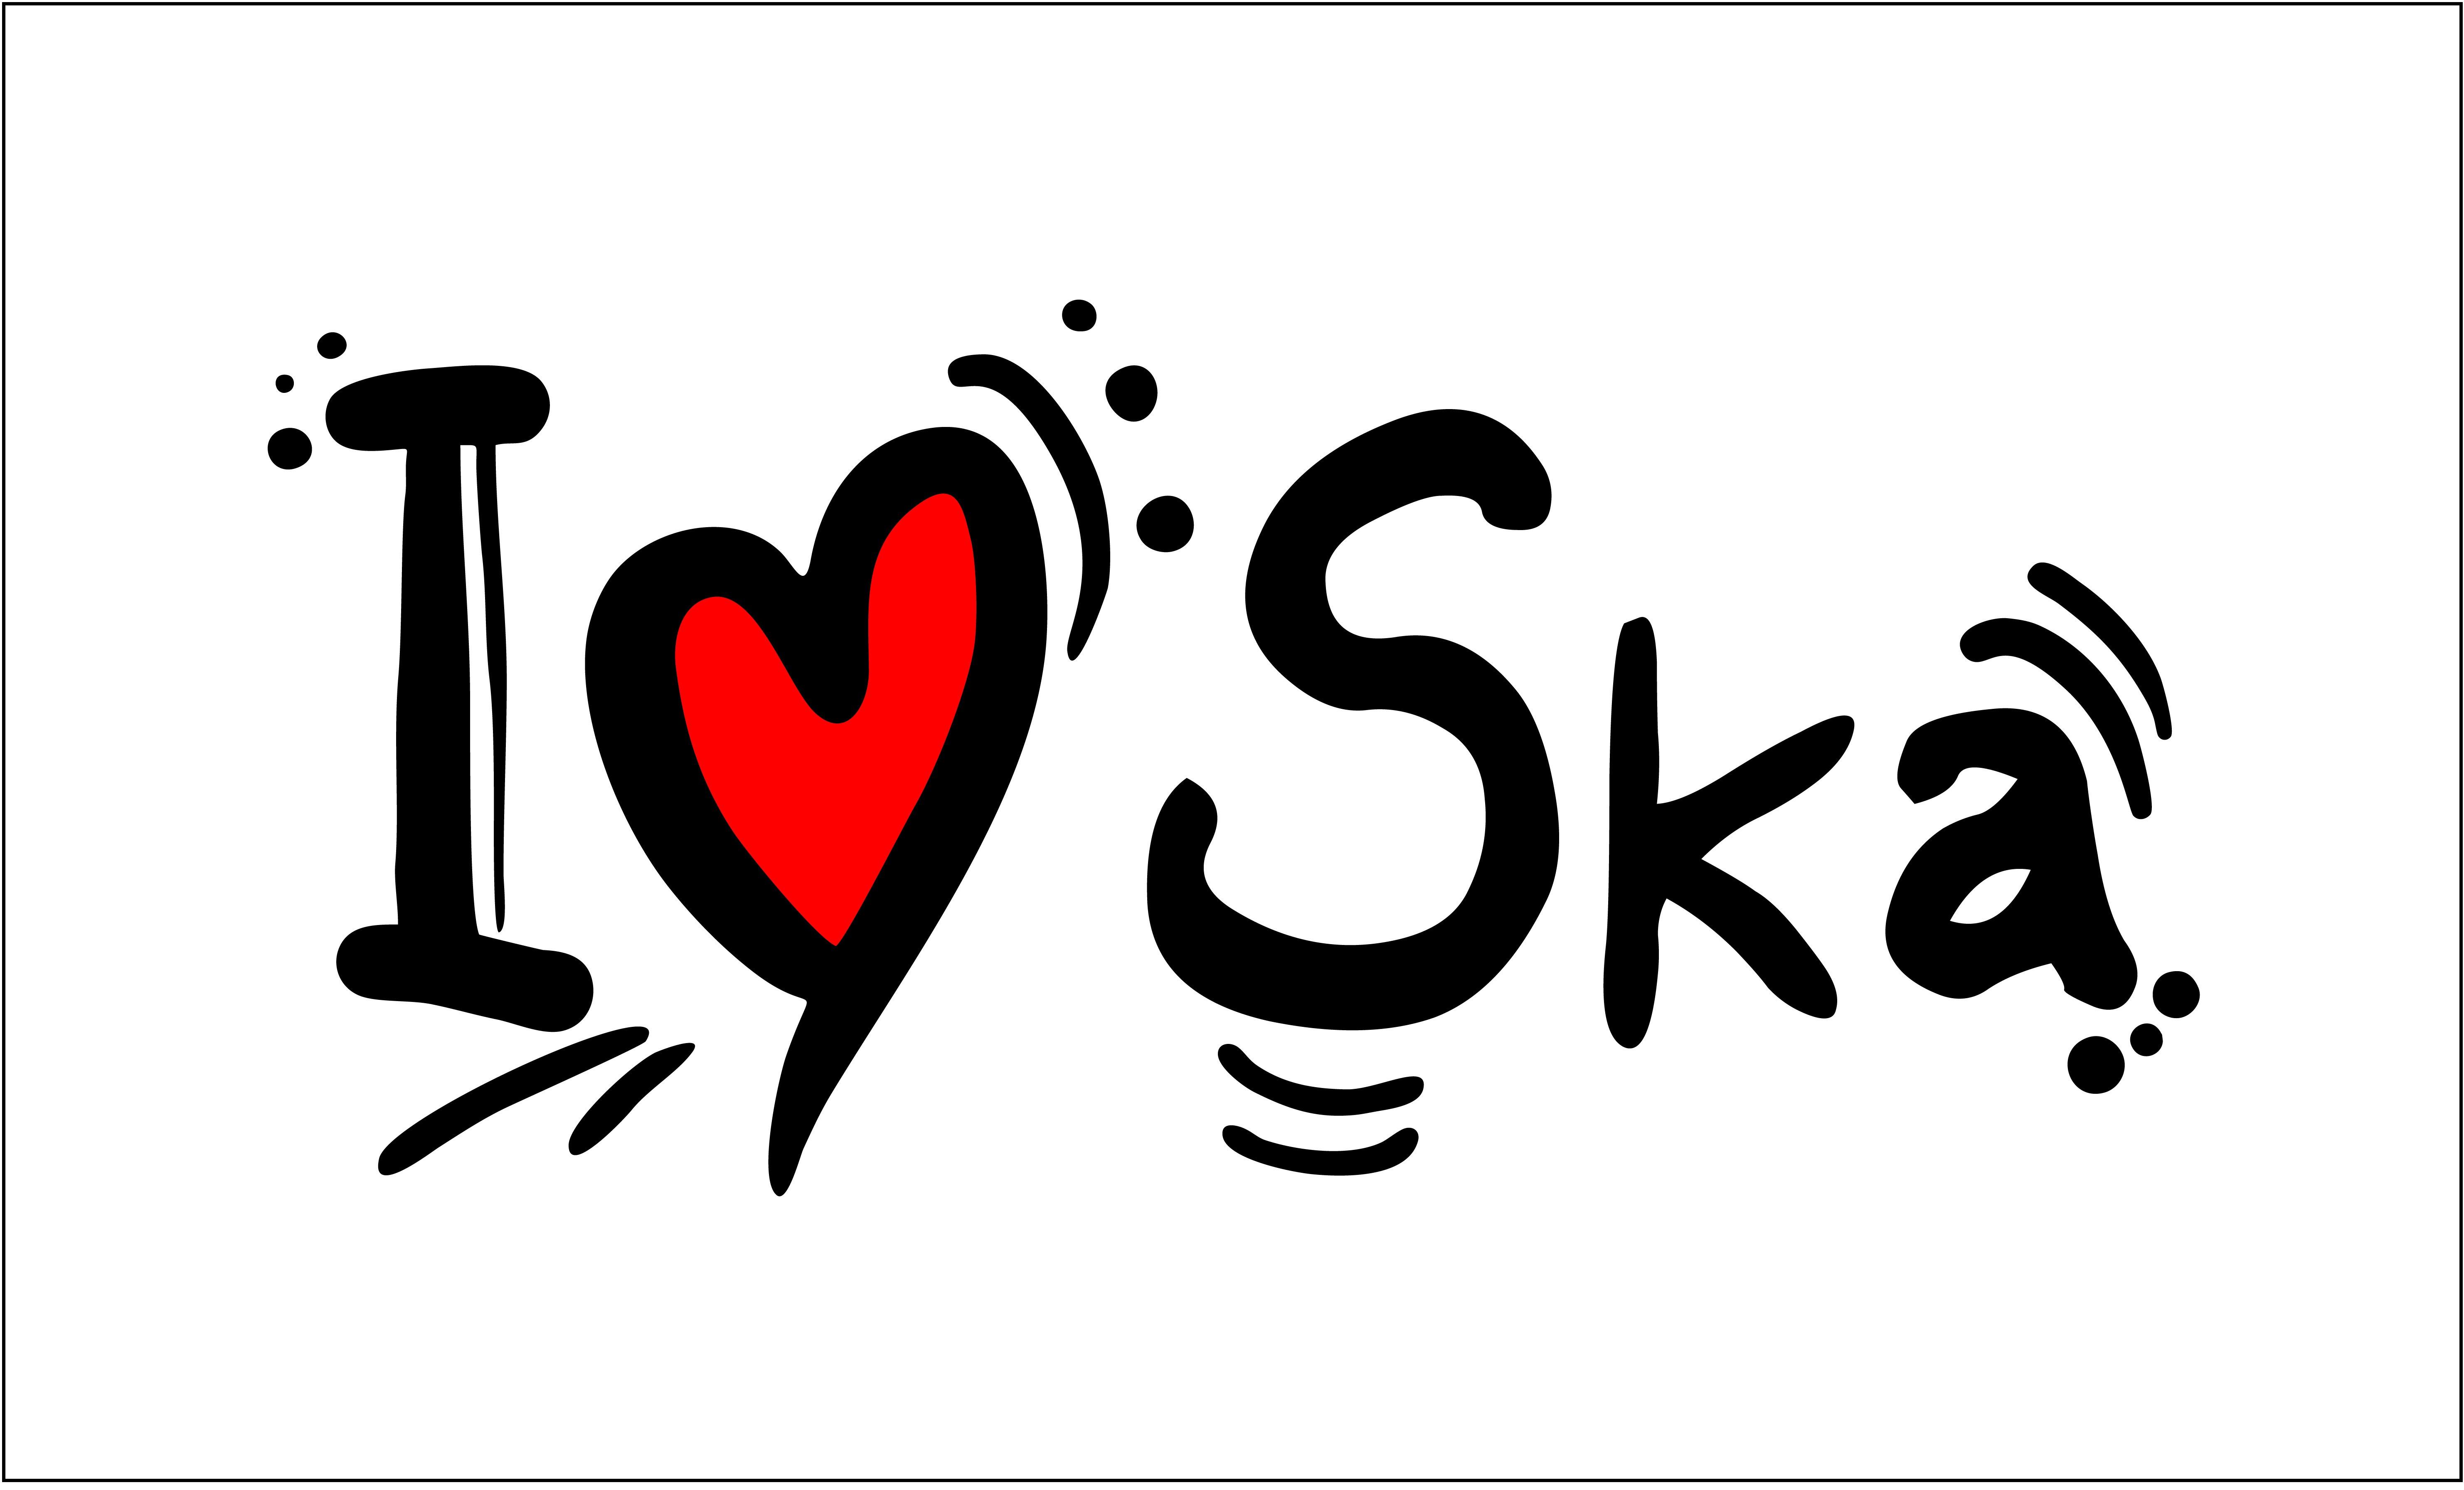 I Heart Ska Border